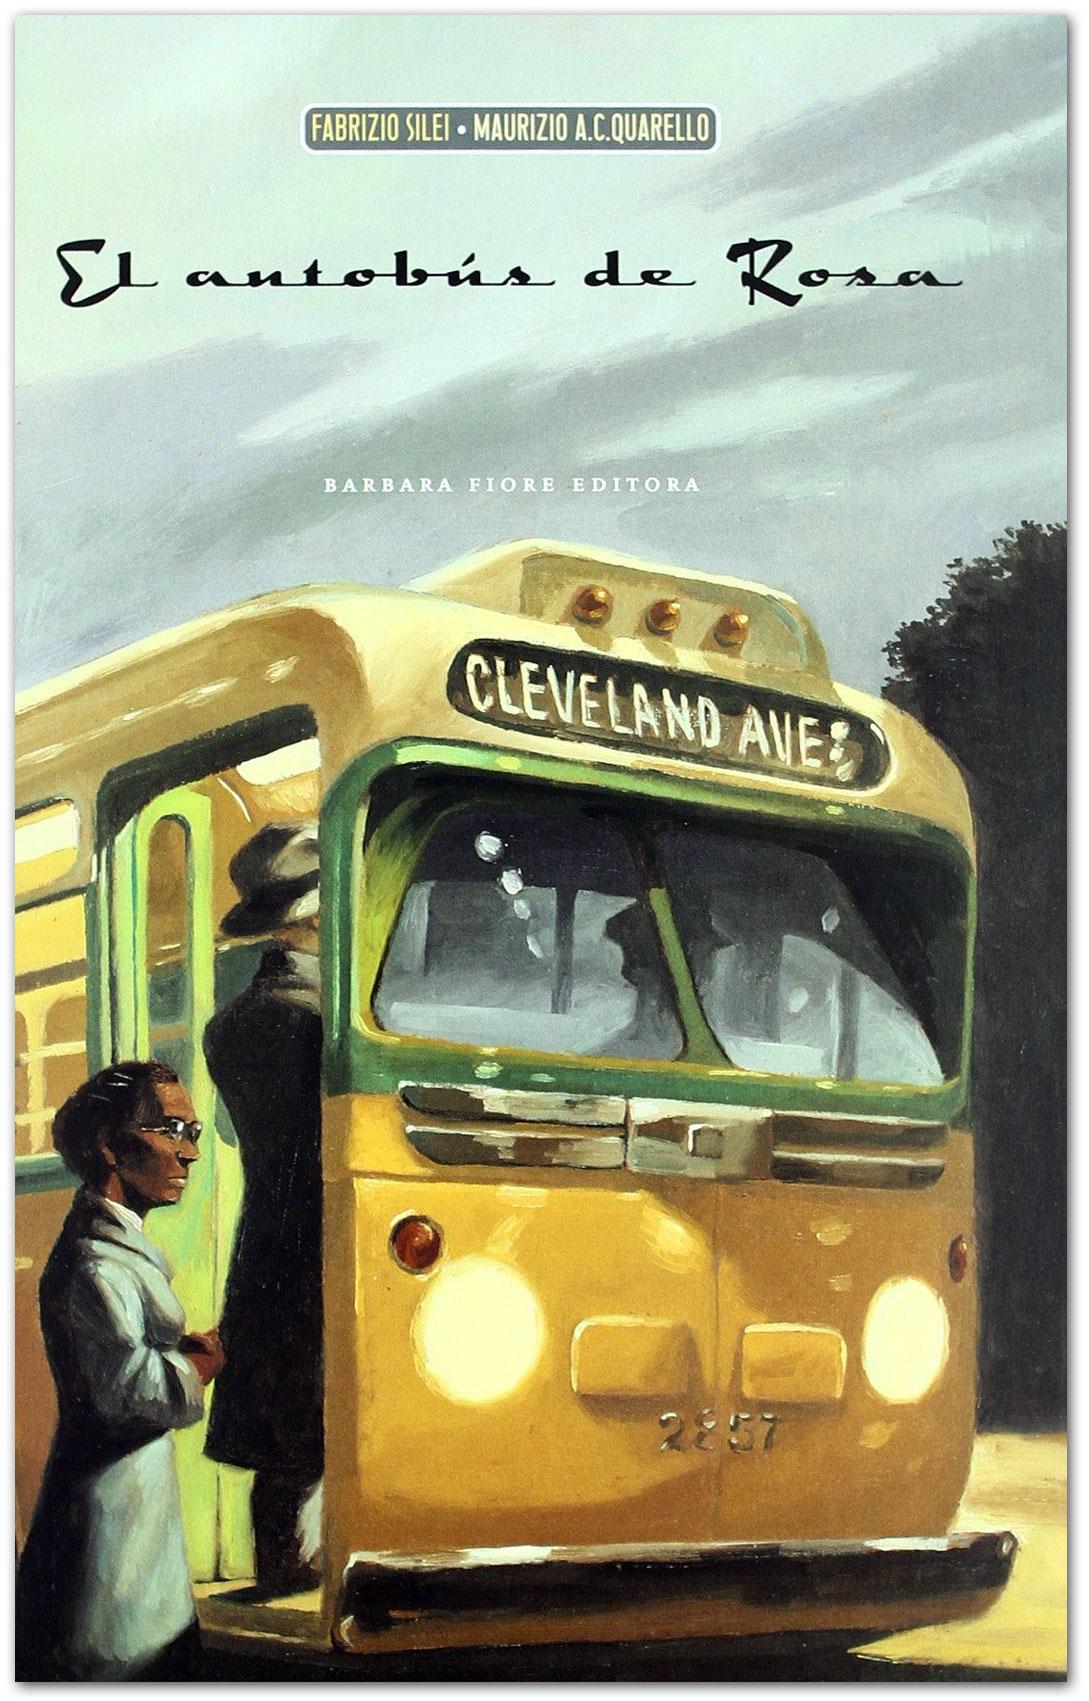 El autobús de Rosa - Fabrizio Silei - Maurizio A.C. Quarello